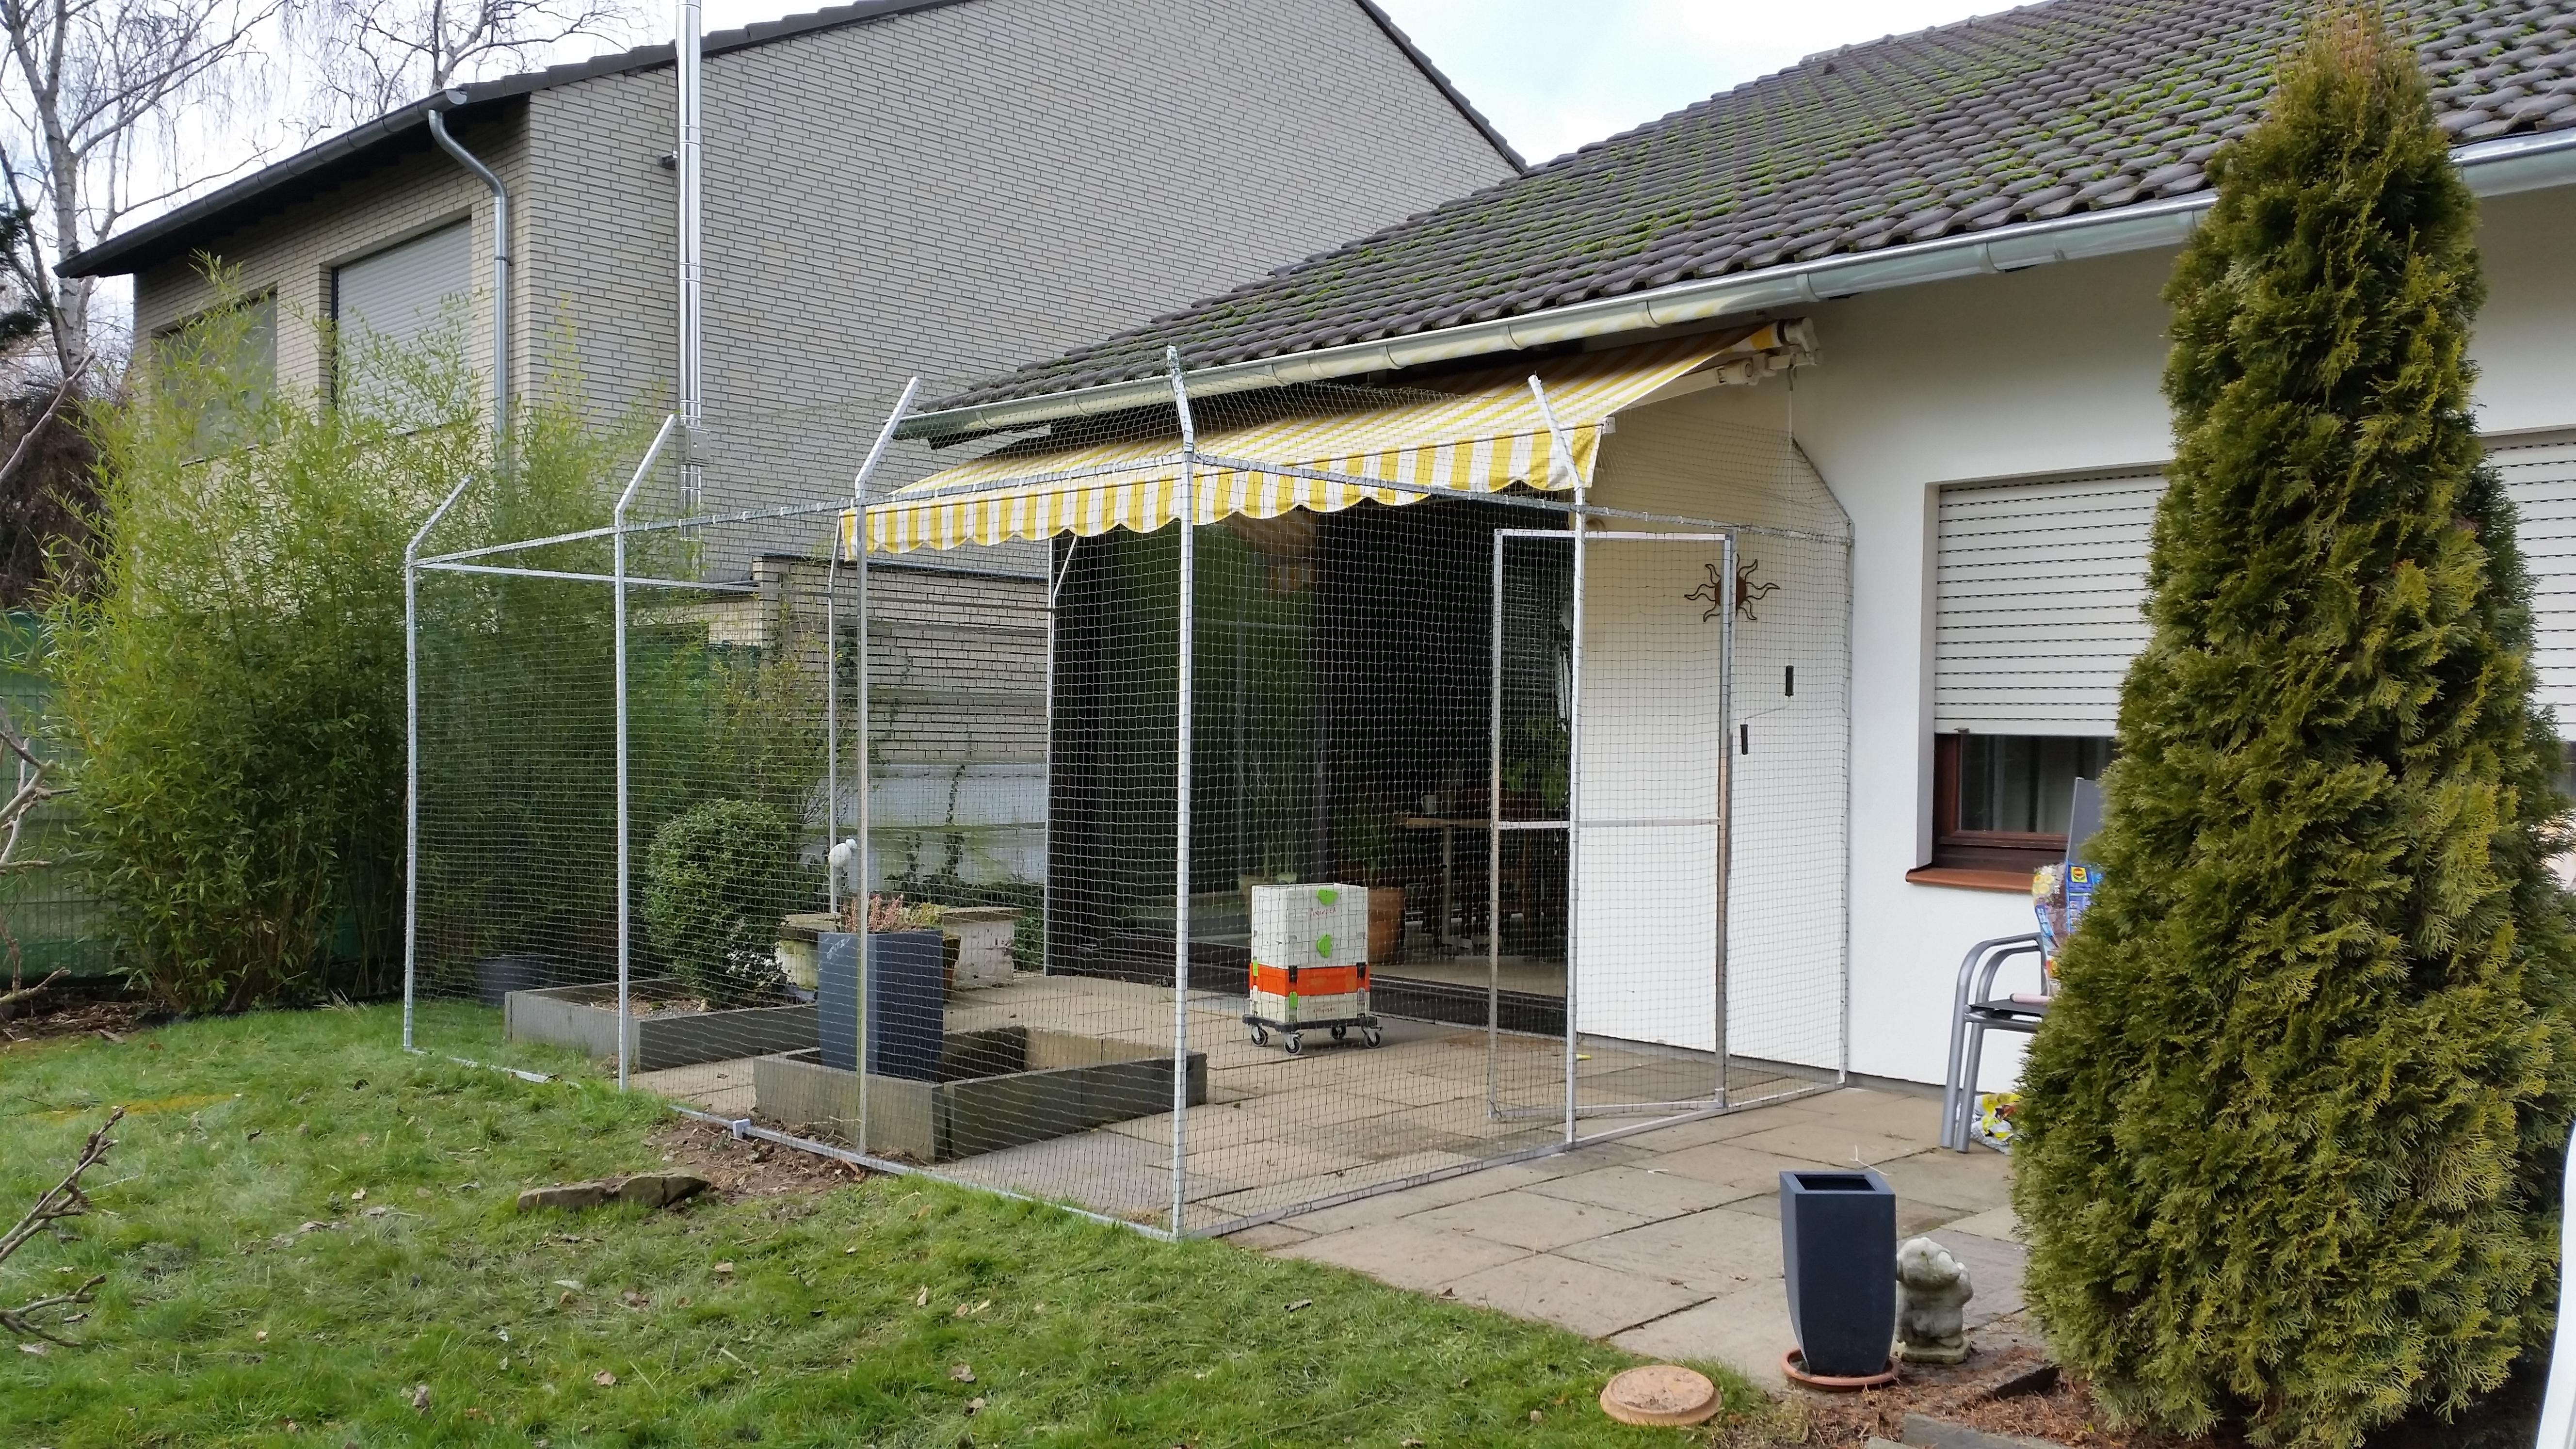 gartenterrasse mit katzengehege katzennetze nrw der katzennetz profi. Black Bedroom Furniture Sets. Home Design Ideas